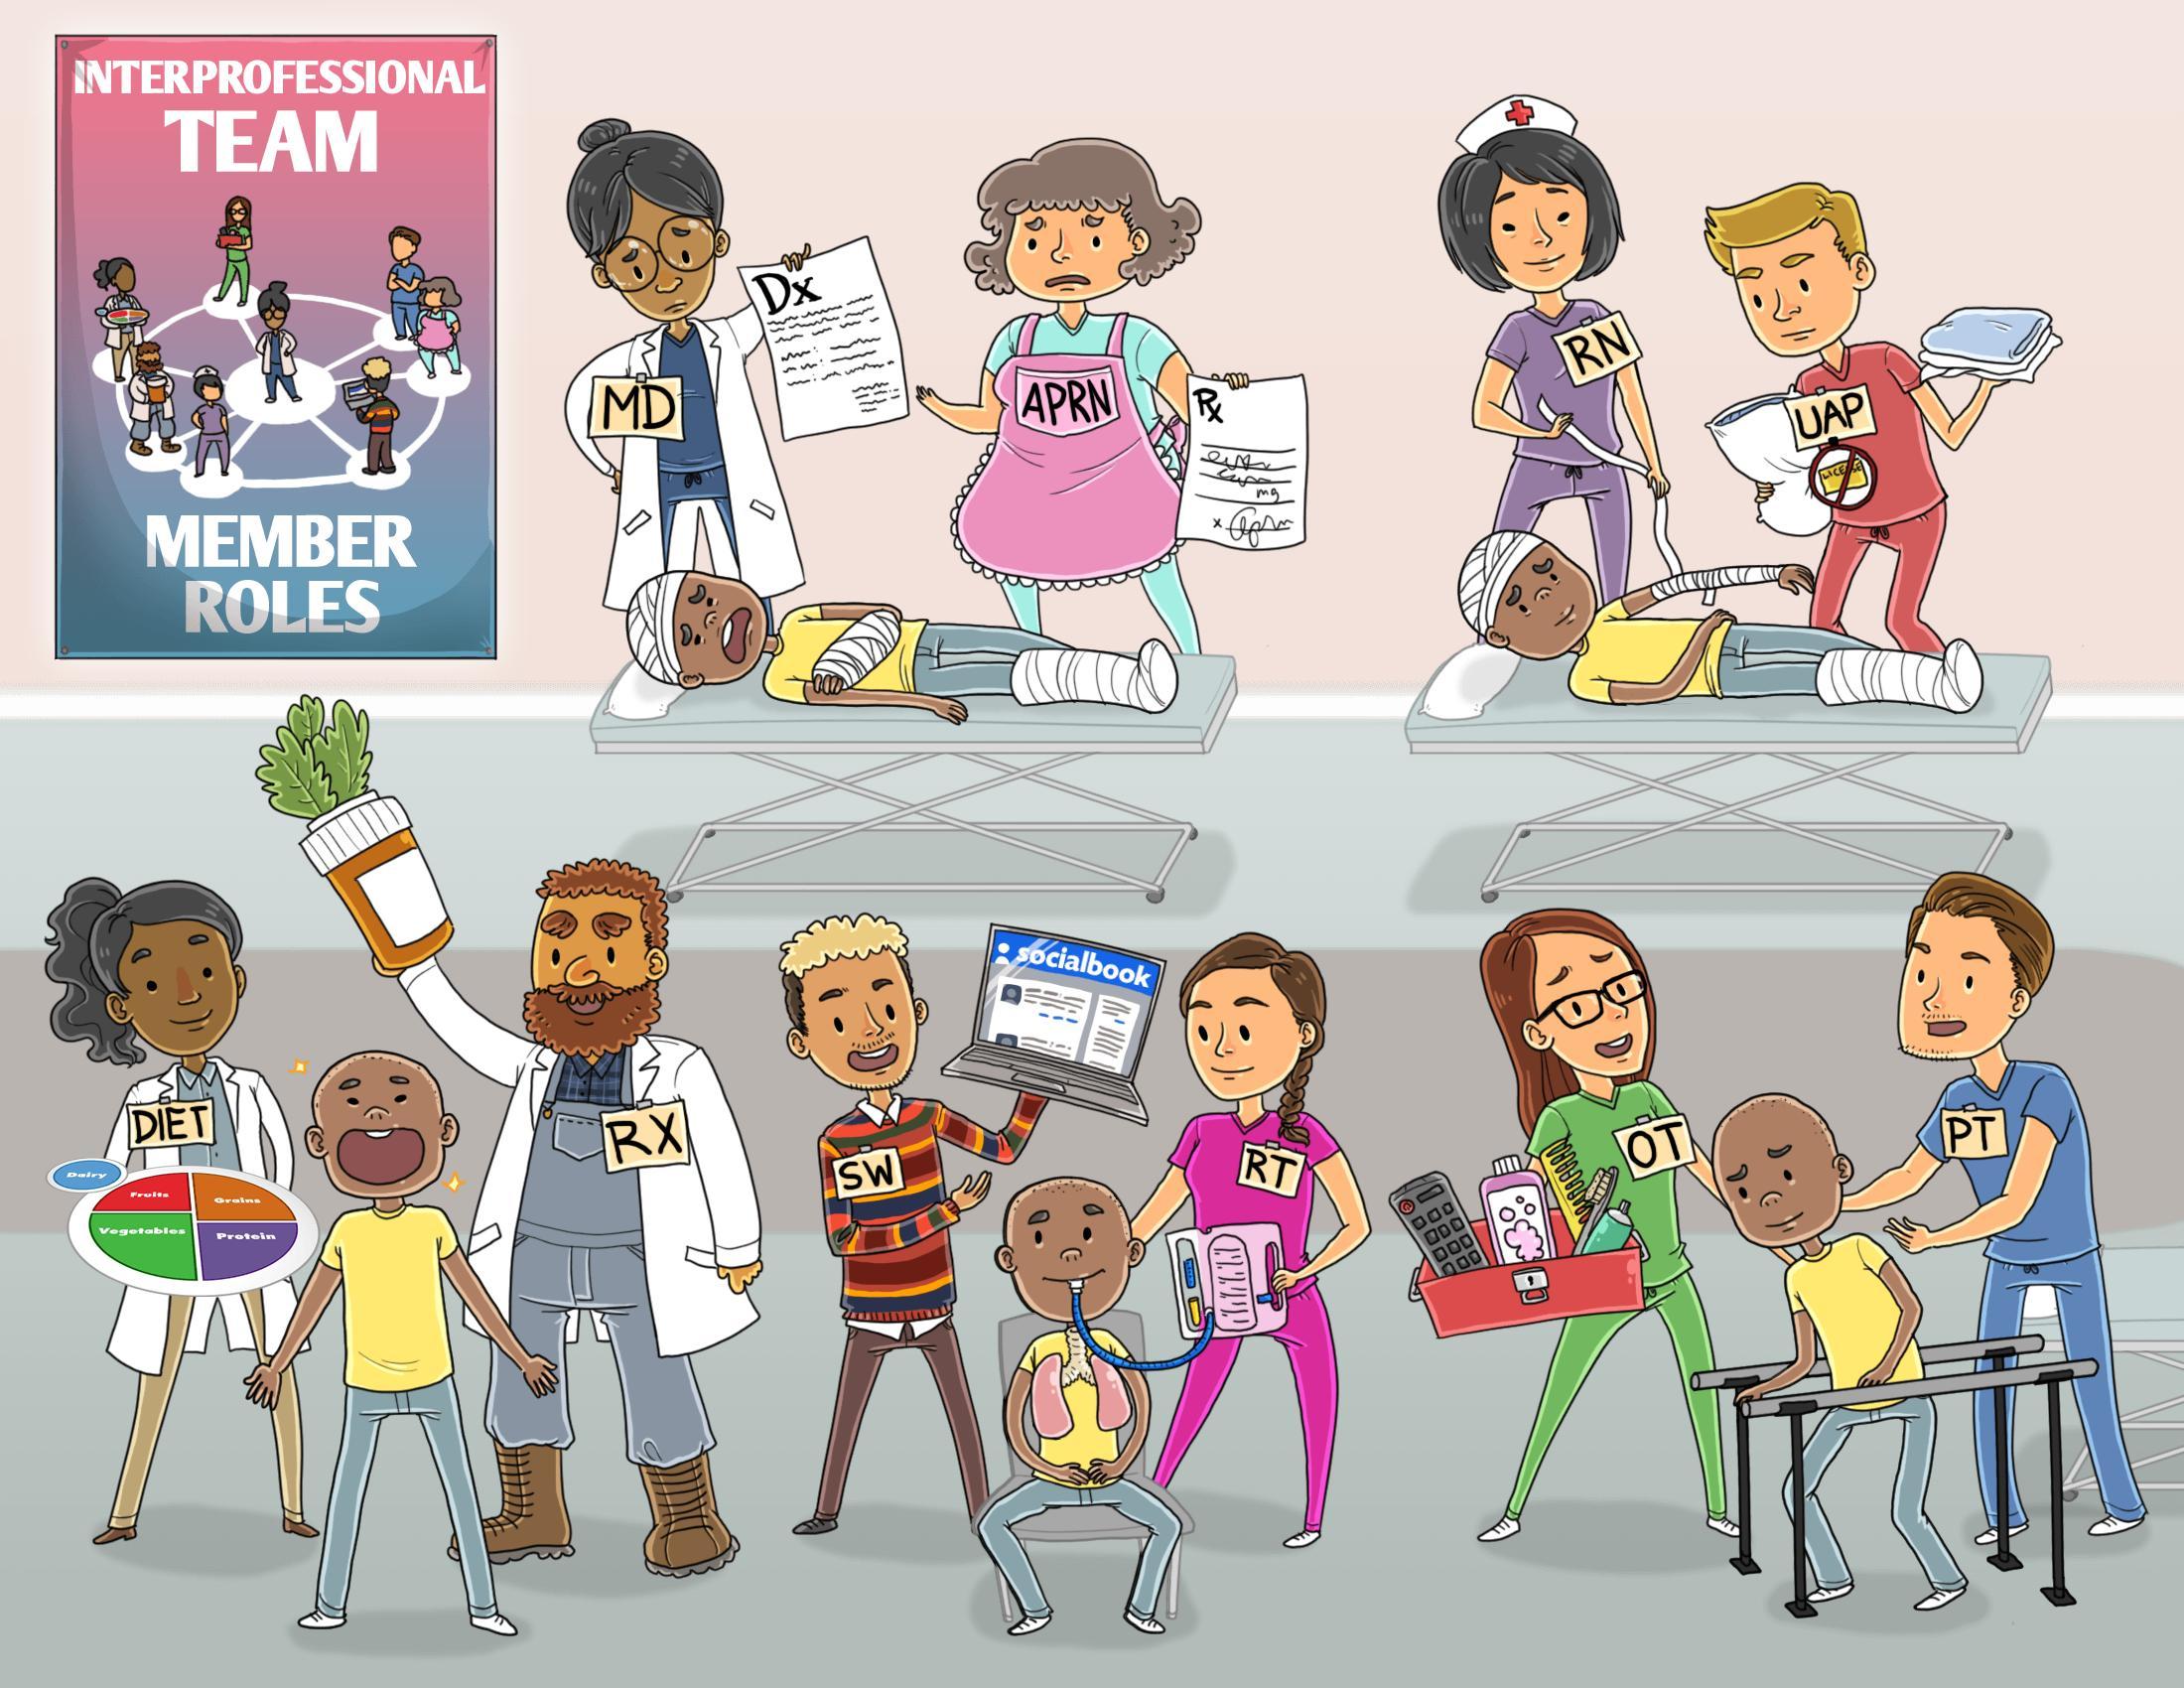 Interprofessional Team Member Roles